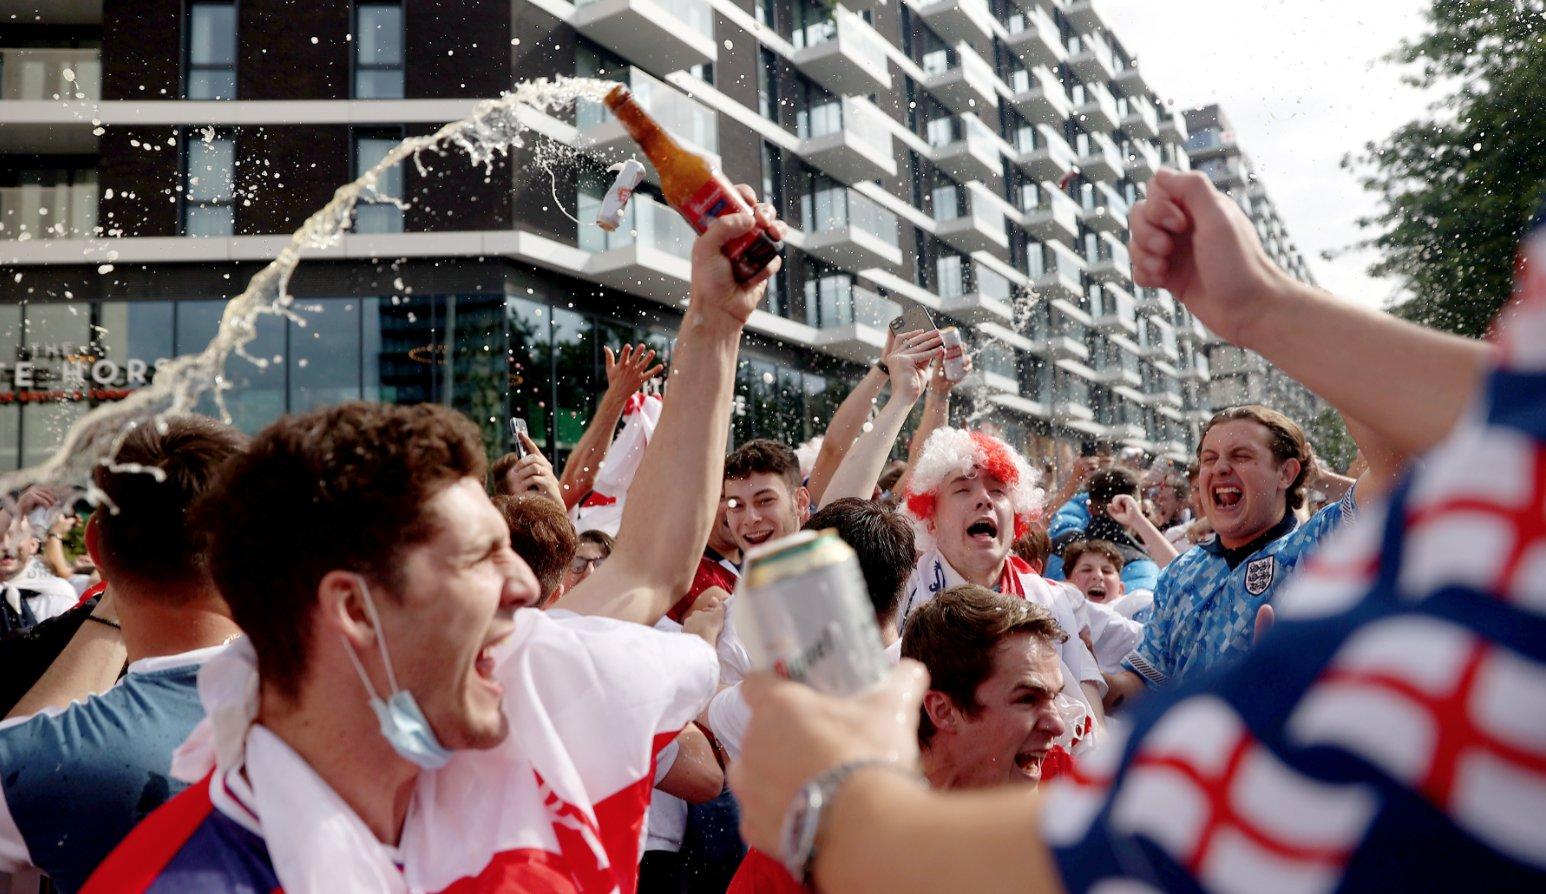 Πρόταση για άρση της απαγόρευσης πώλησης αλκοόλ στα αγγλικά γήπεδα!